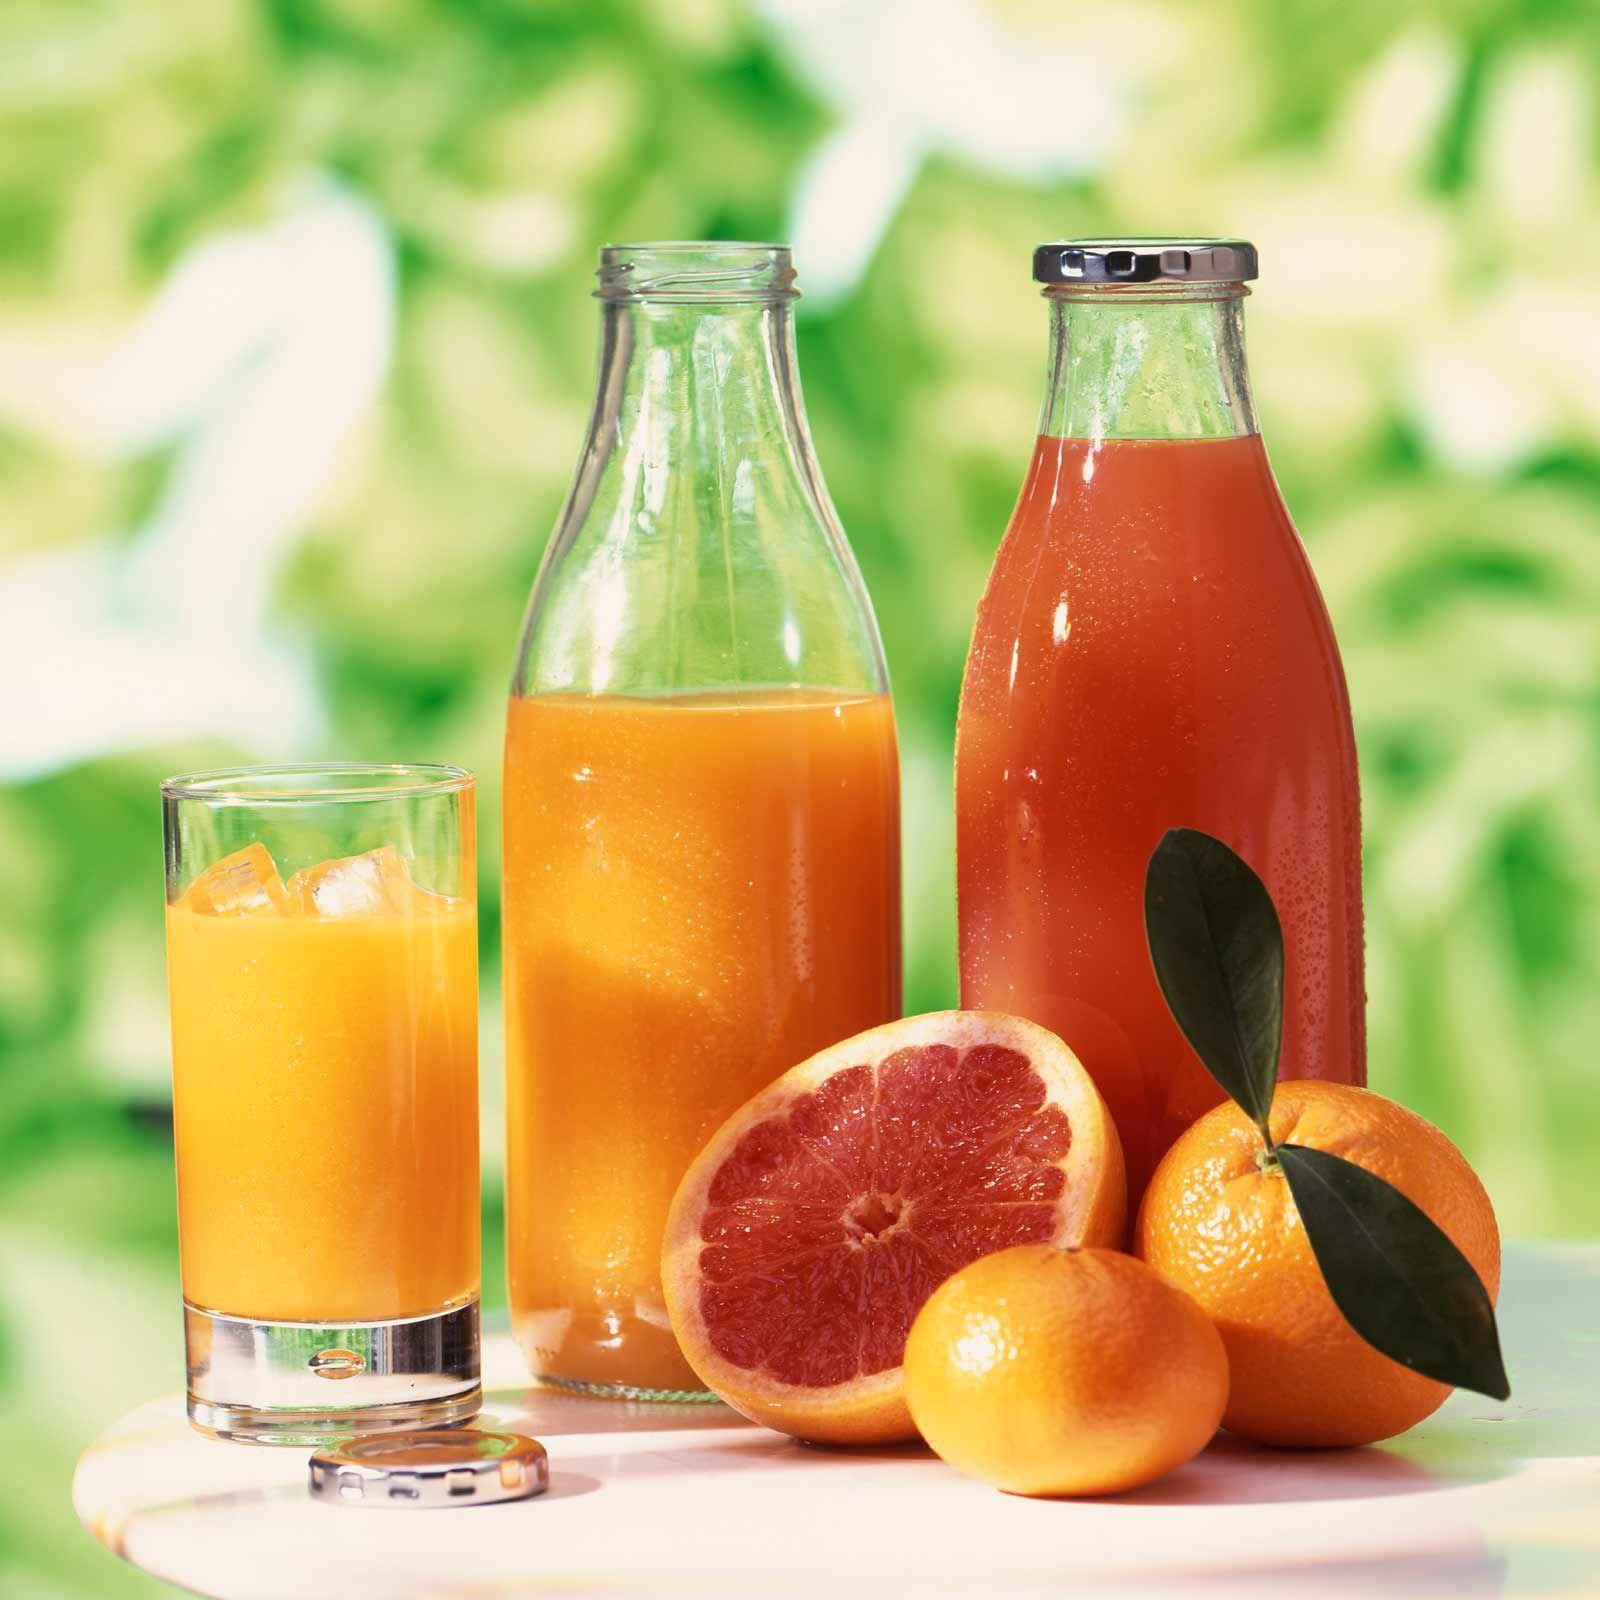 Jus De Fruits Maison Recette Smoothis Thermomix Pinterest